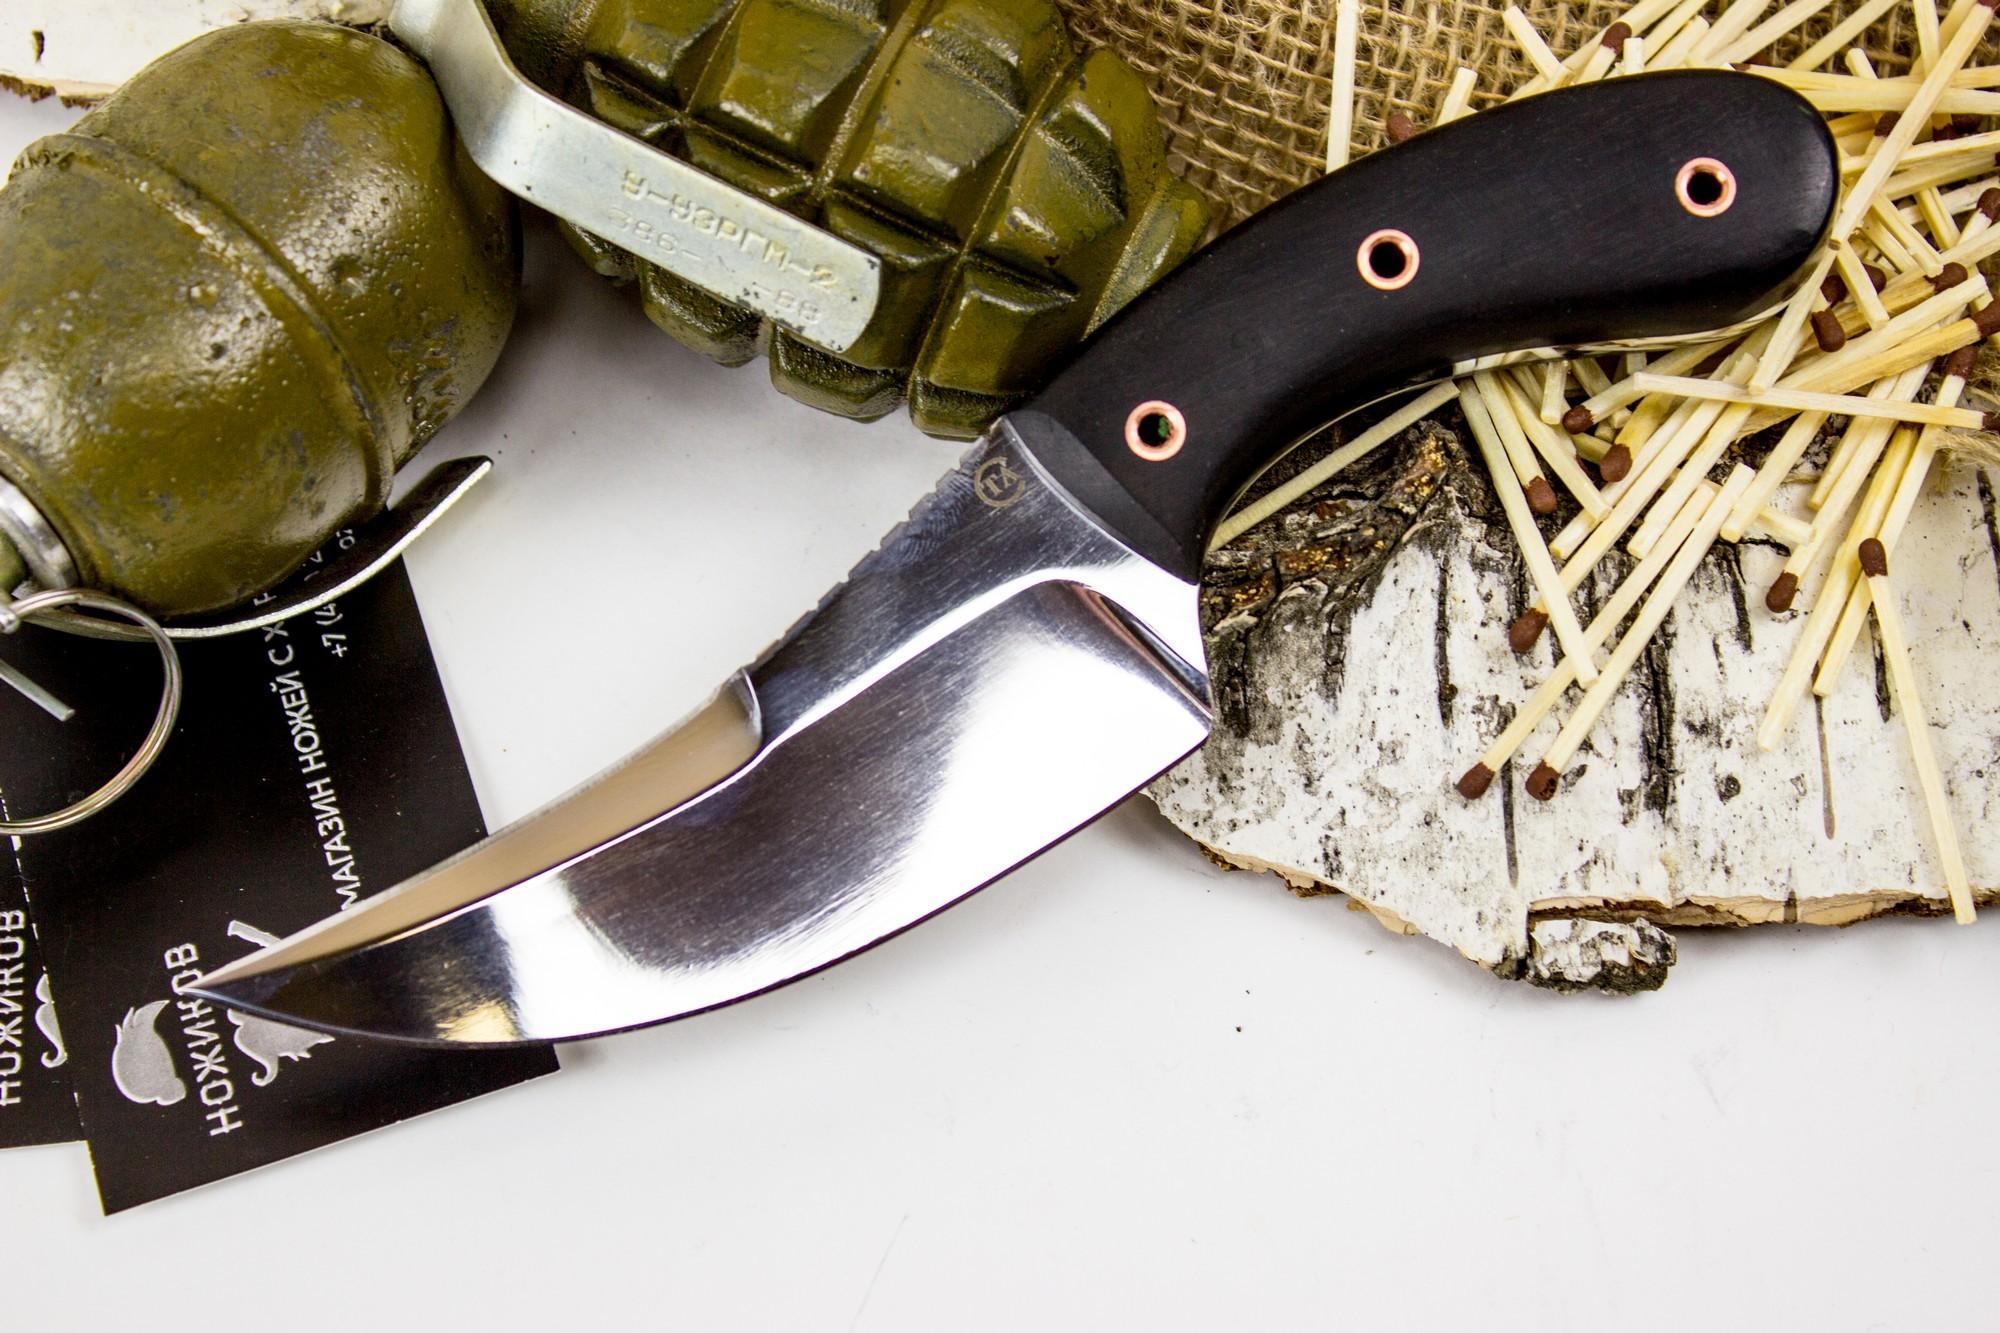 Нож Клык-1, сталь 95х18, деревоНожи Ворсма<br>Универсальный нож.<br>